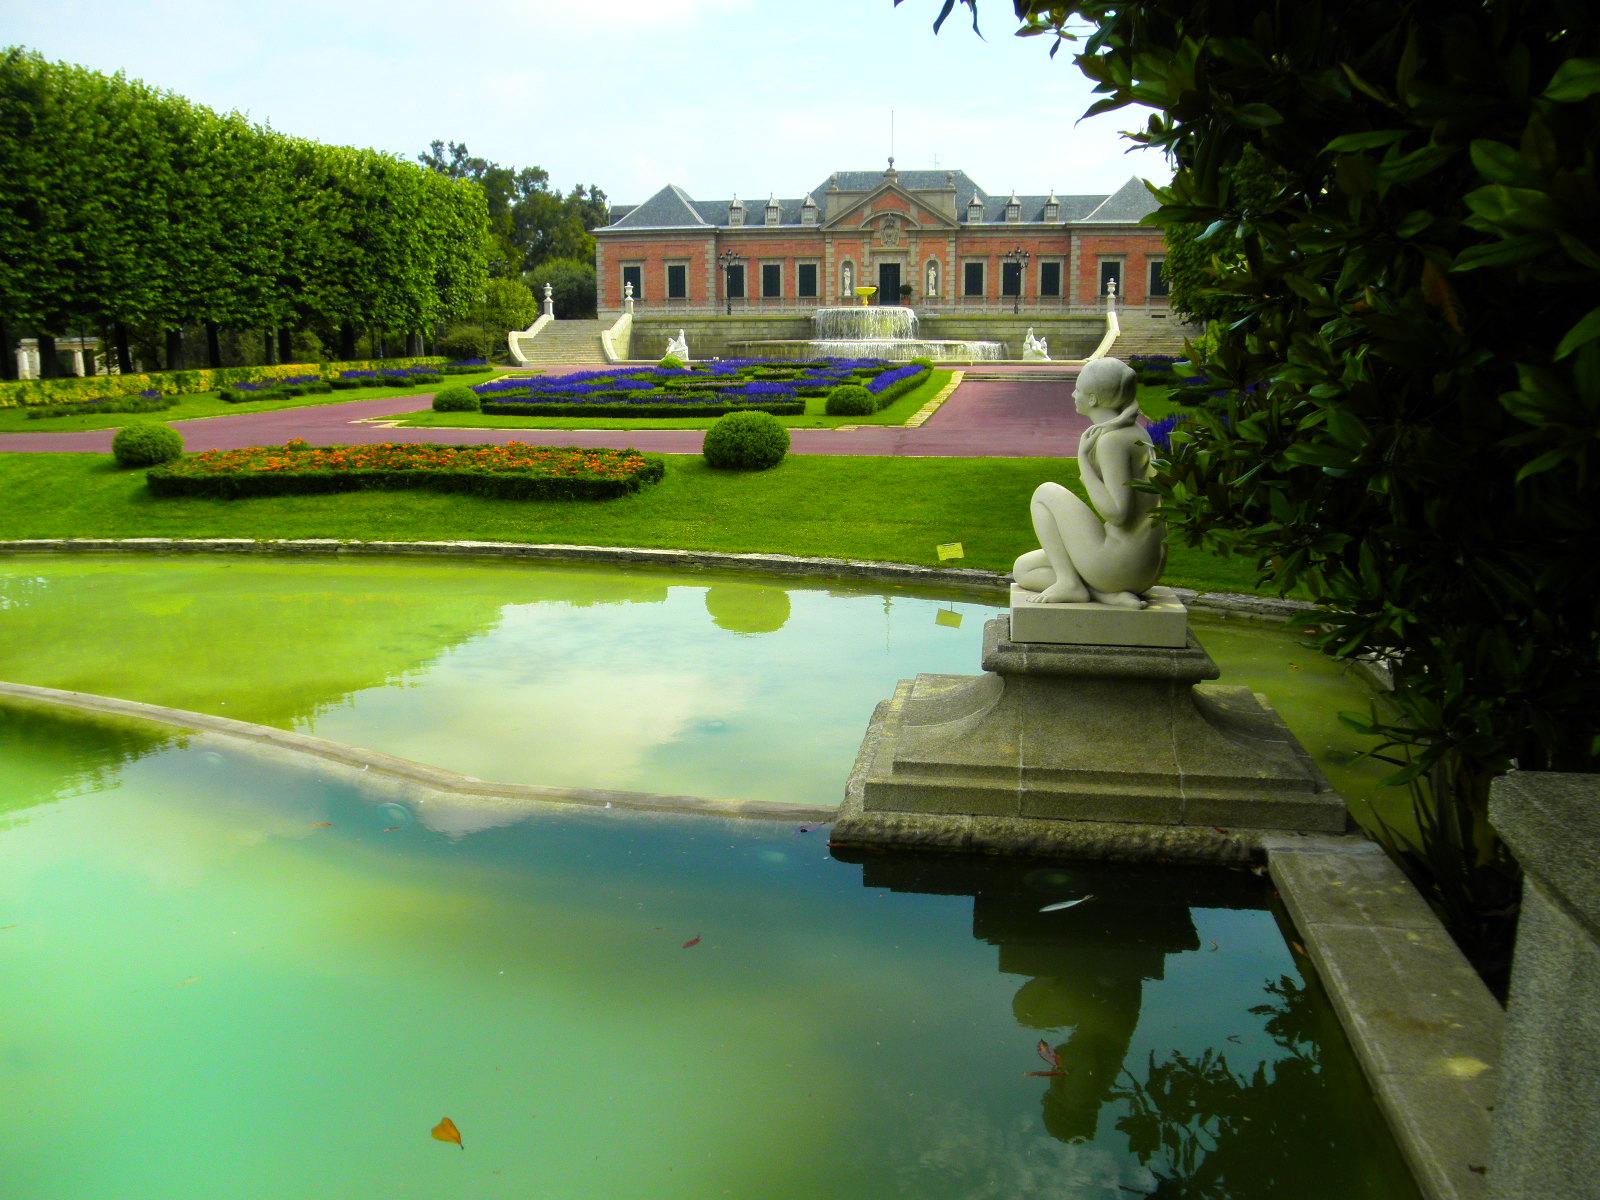 Palacete alb niz en los jardines de joan maragall fotos for Jardines joan maragall